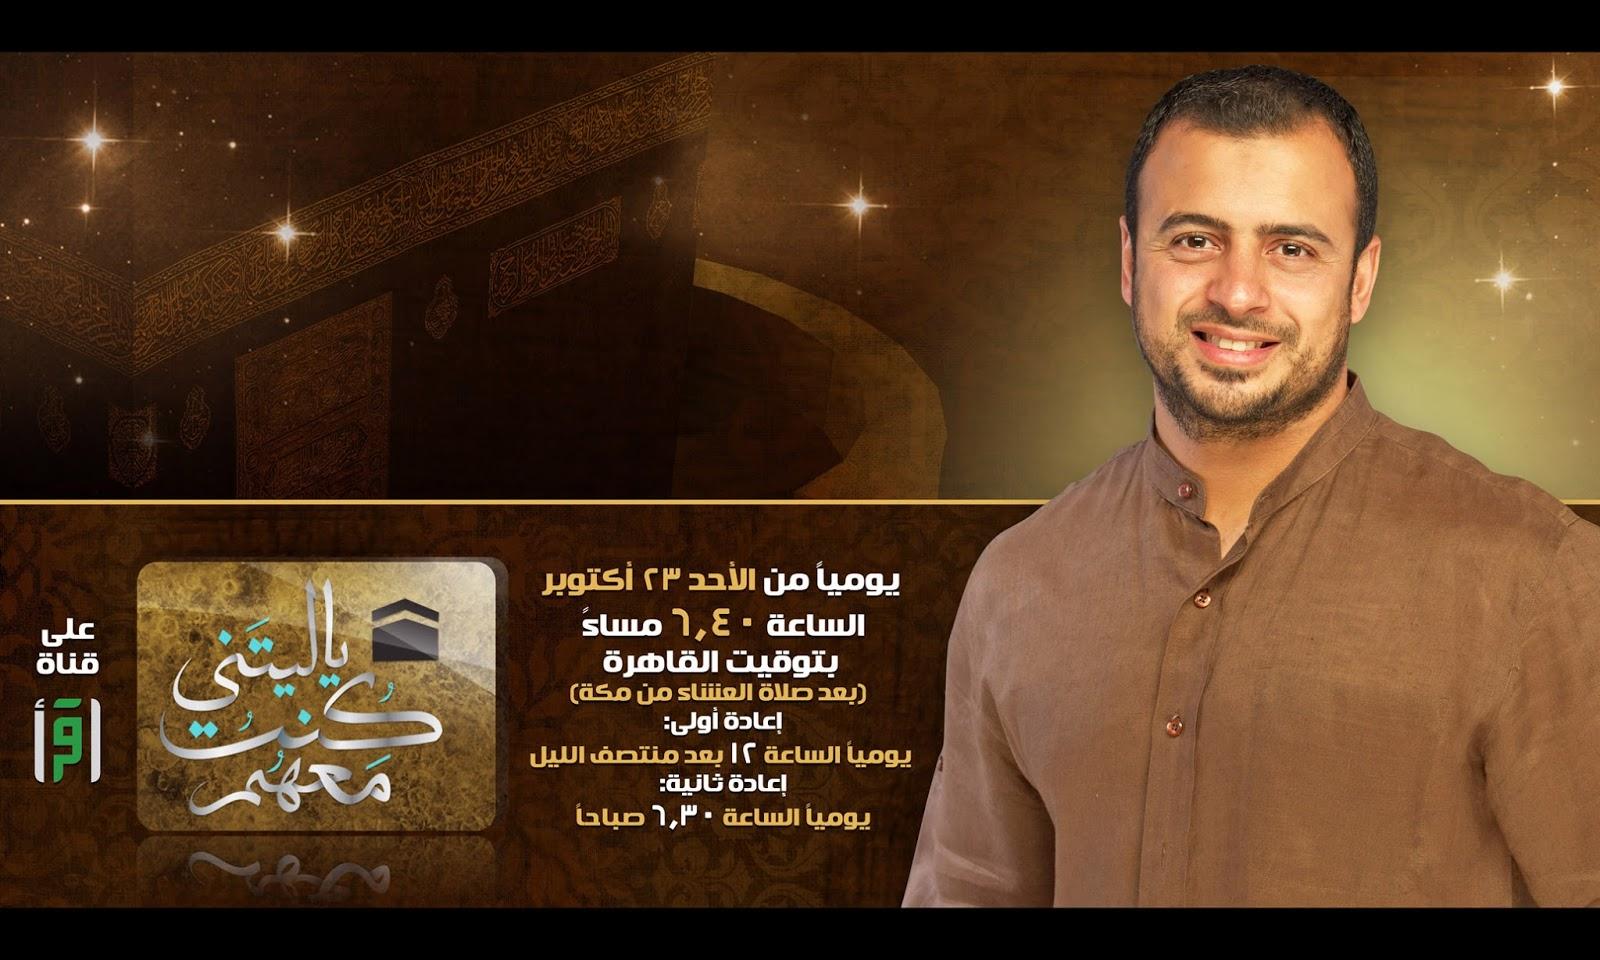 يا ليتنى كنت معهم الحلقة الاولى مصطفى حسنى | برامج تلفزيونية